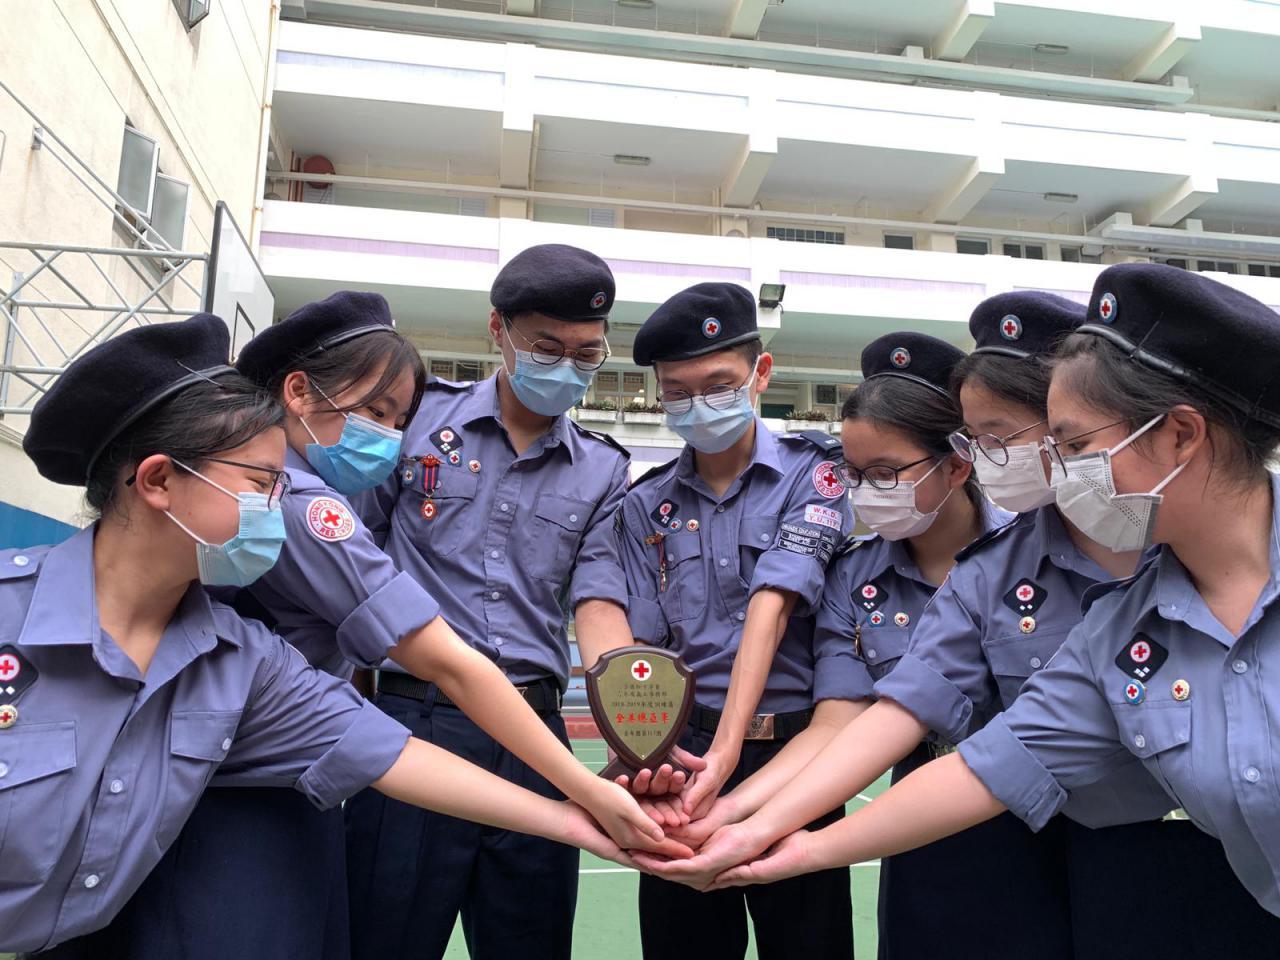 我校YU117紅十字會青年團榮獲訓練盾全港總亞軍及西九龍區訓練盾亞軍